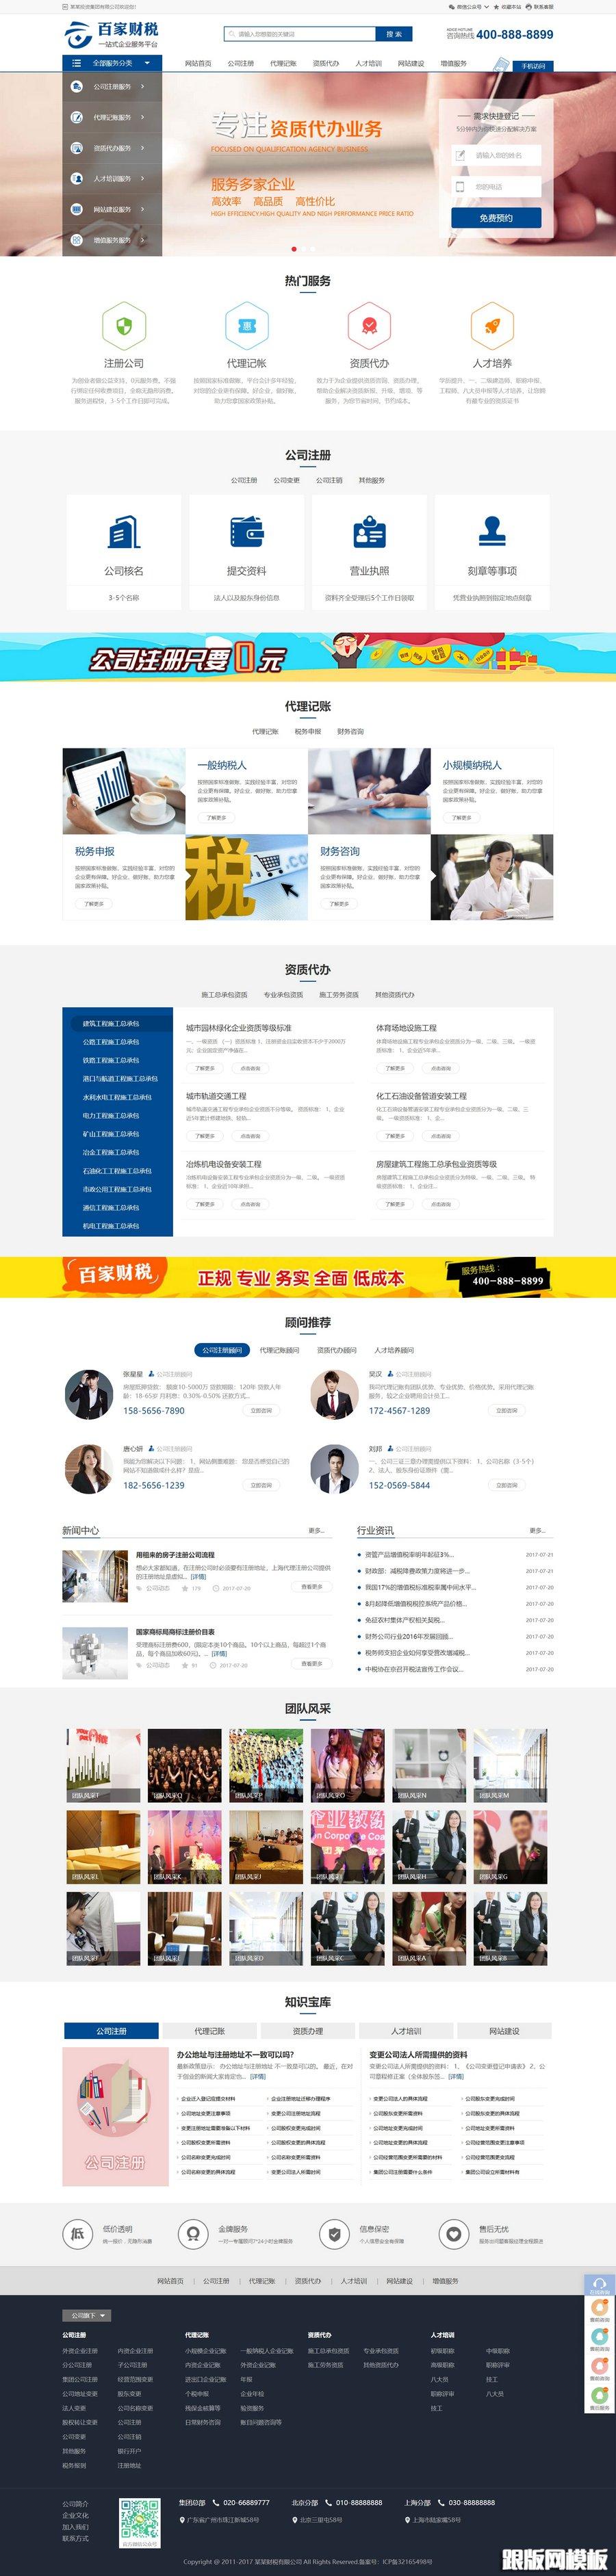 注册记账财税类织梦网站模板(带手机端)介绍